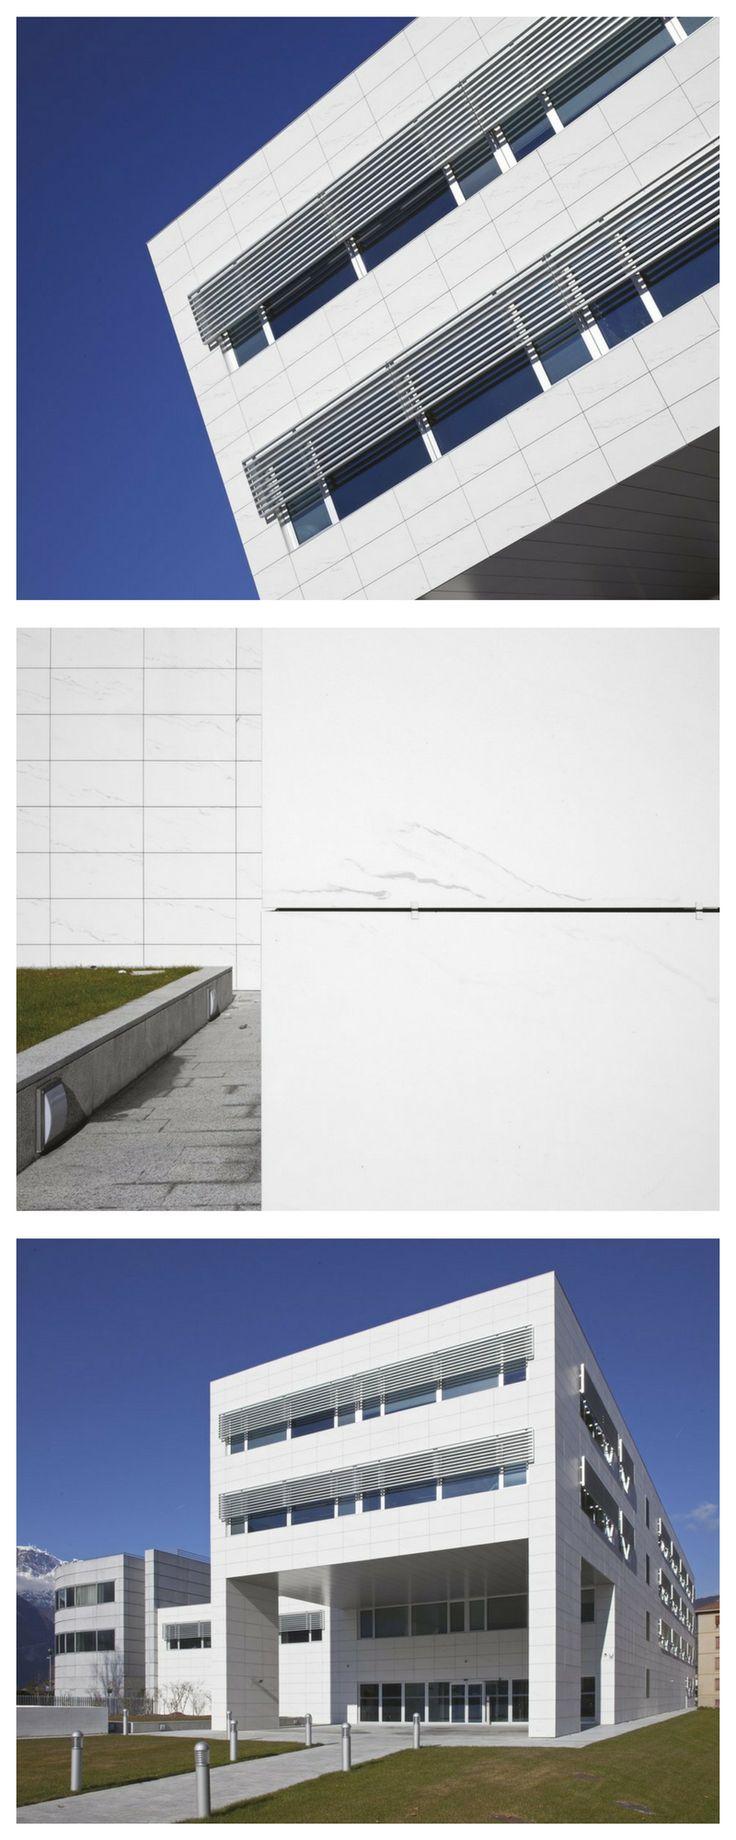 120x60 Michelangelo Statuario for Trentino Network HQ